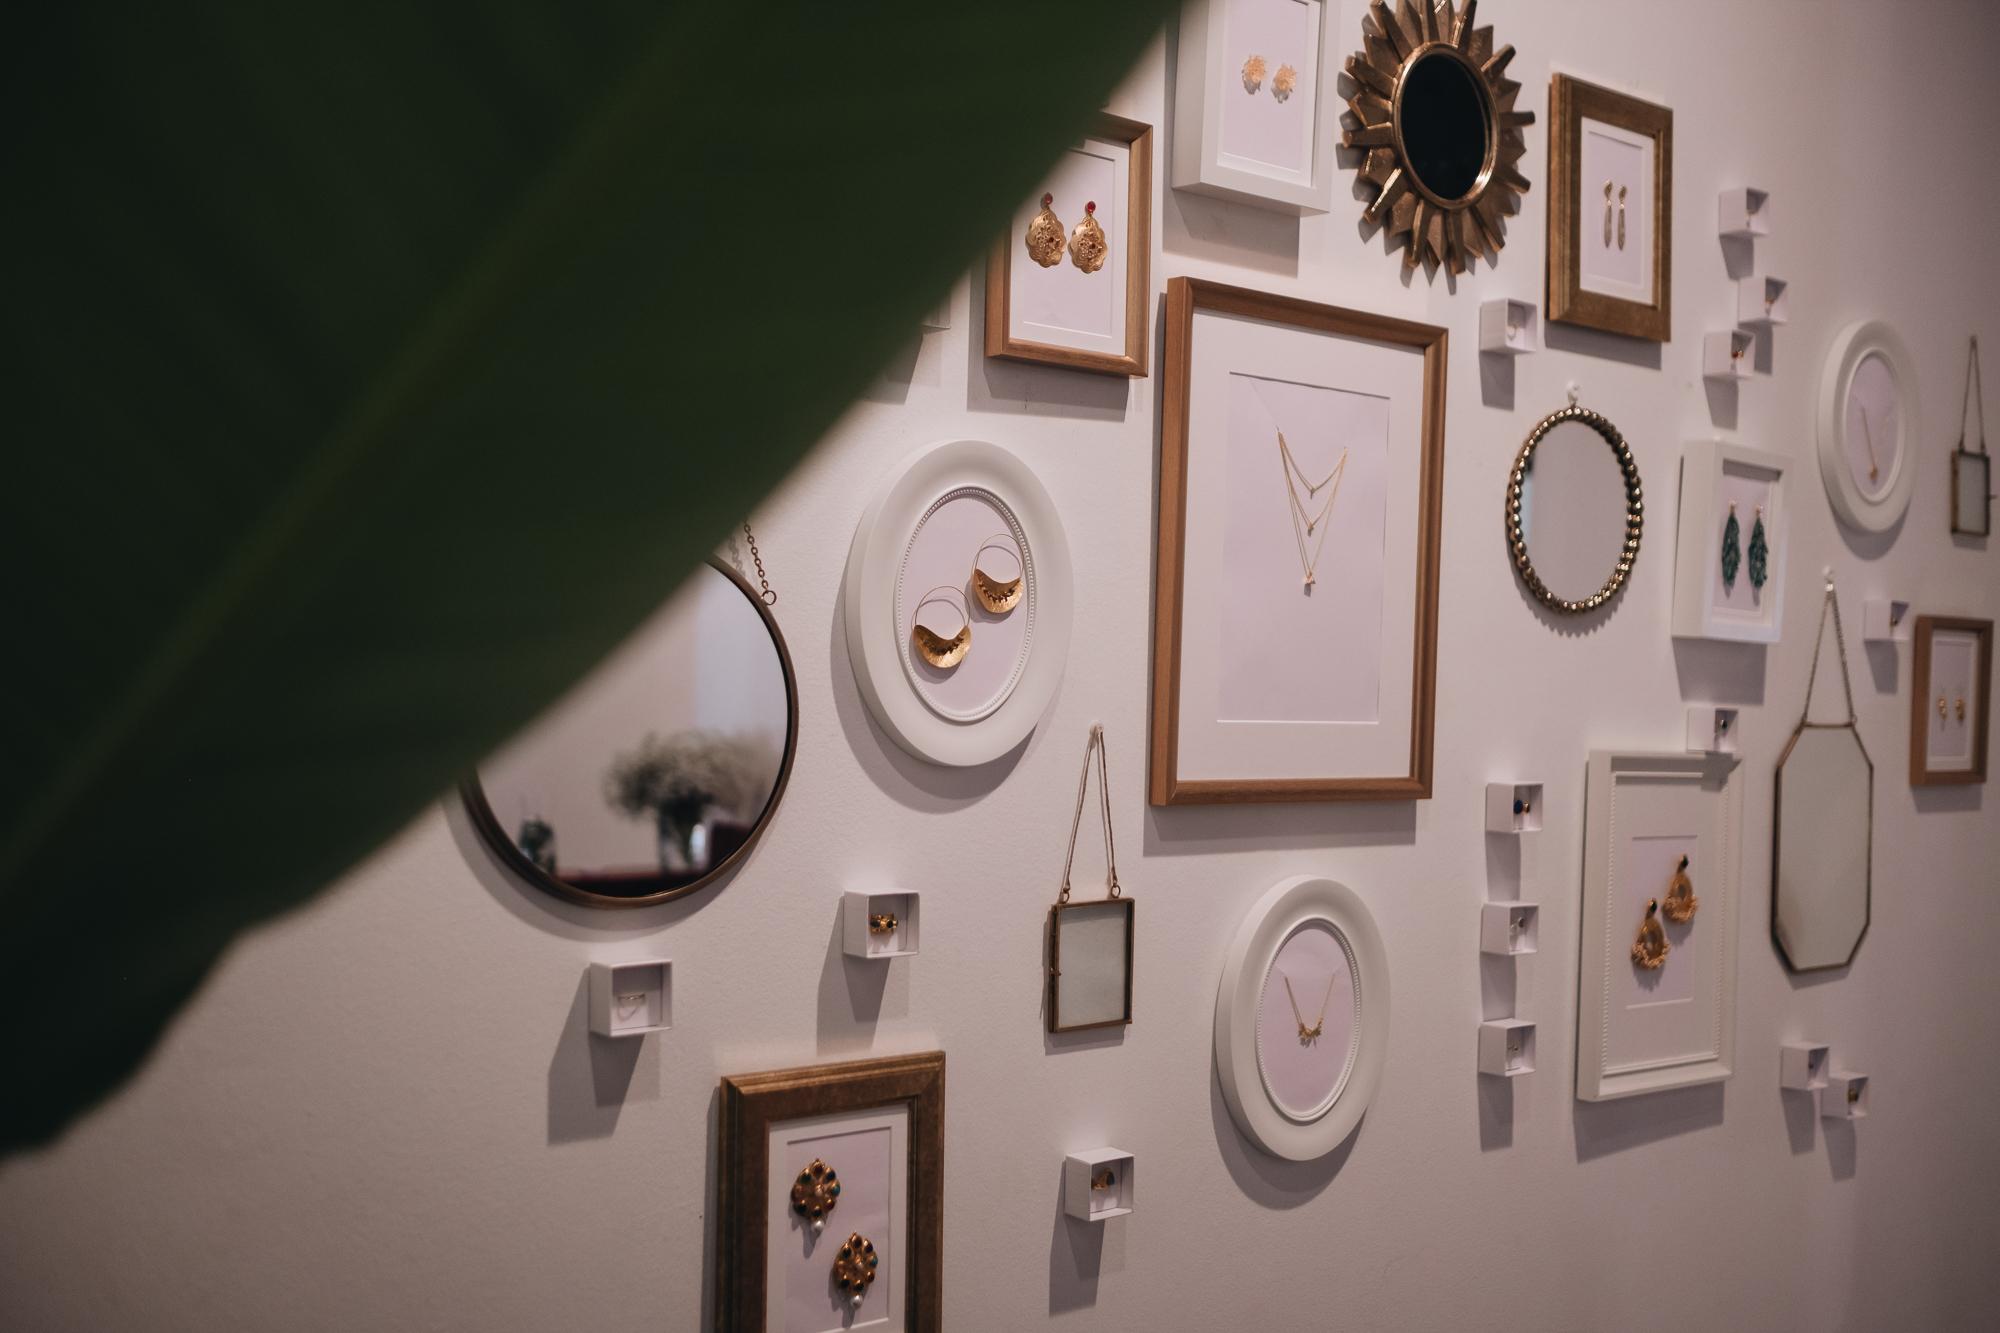 Acantha Joyas presenta su nueva colección en Clandestino Christmas Edition